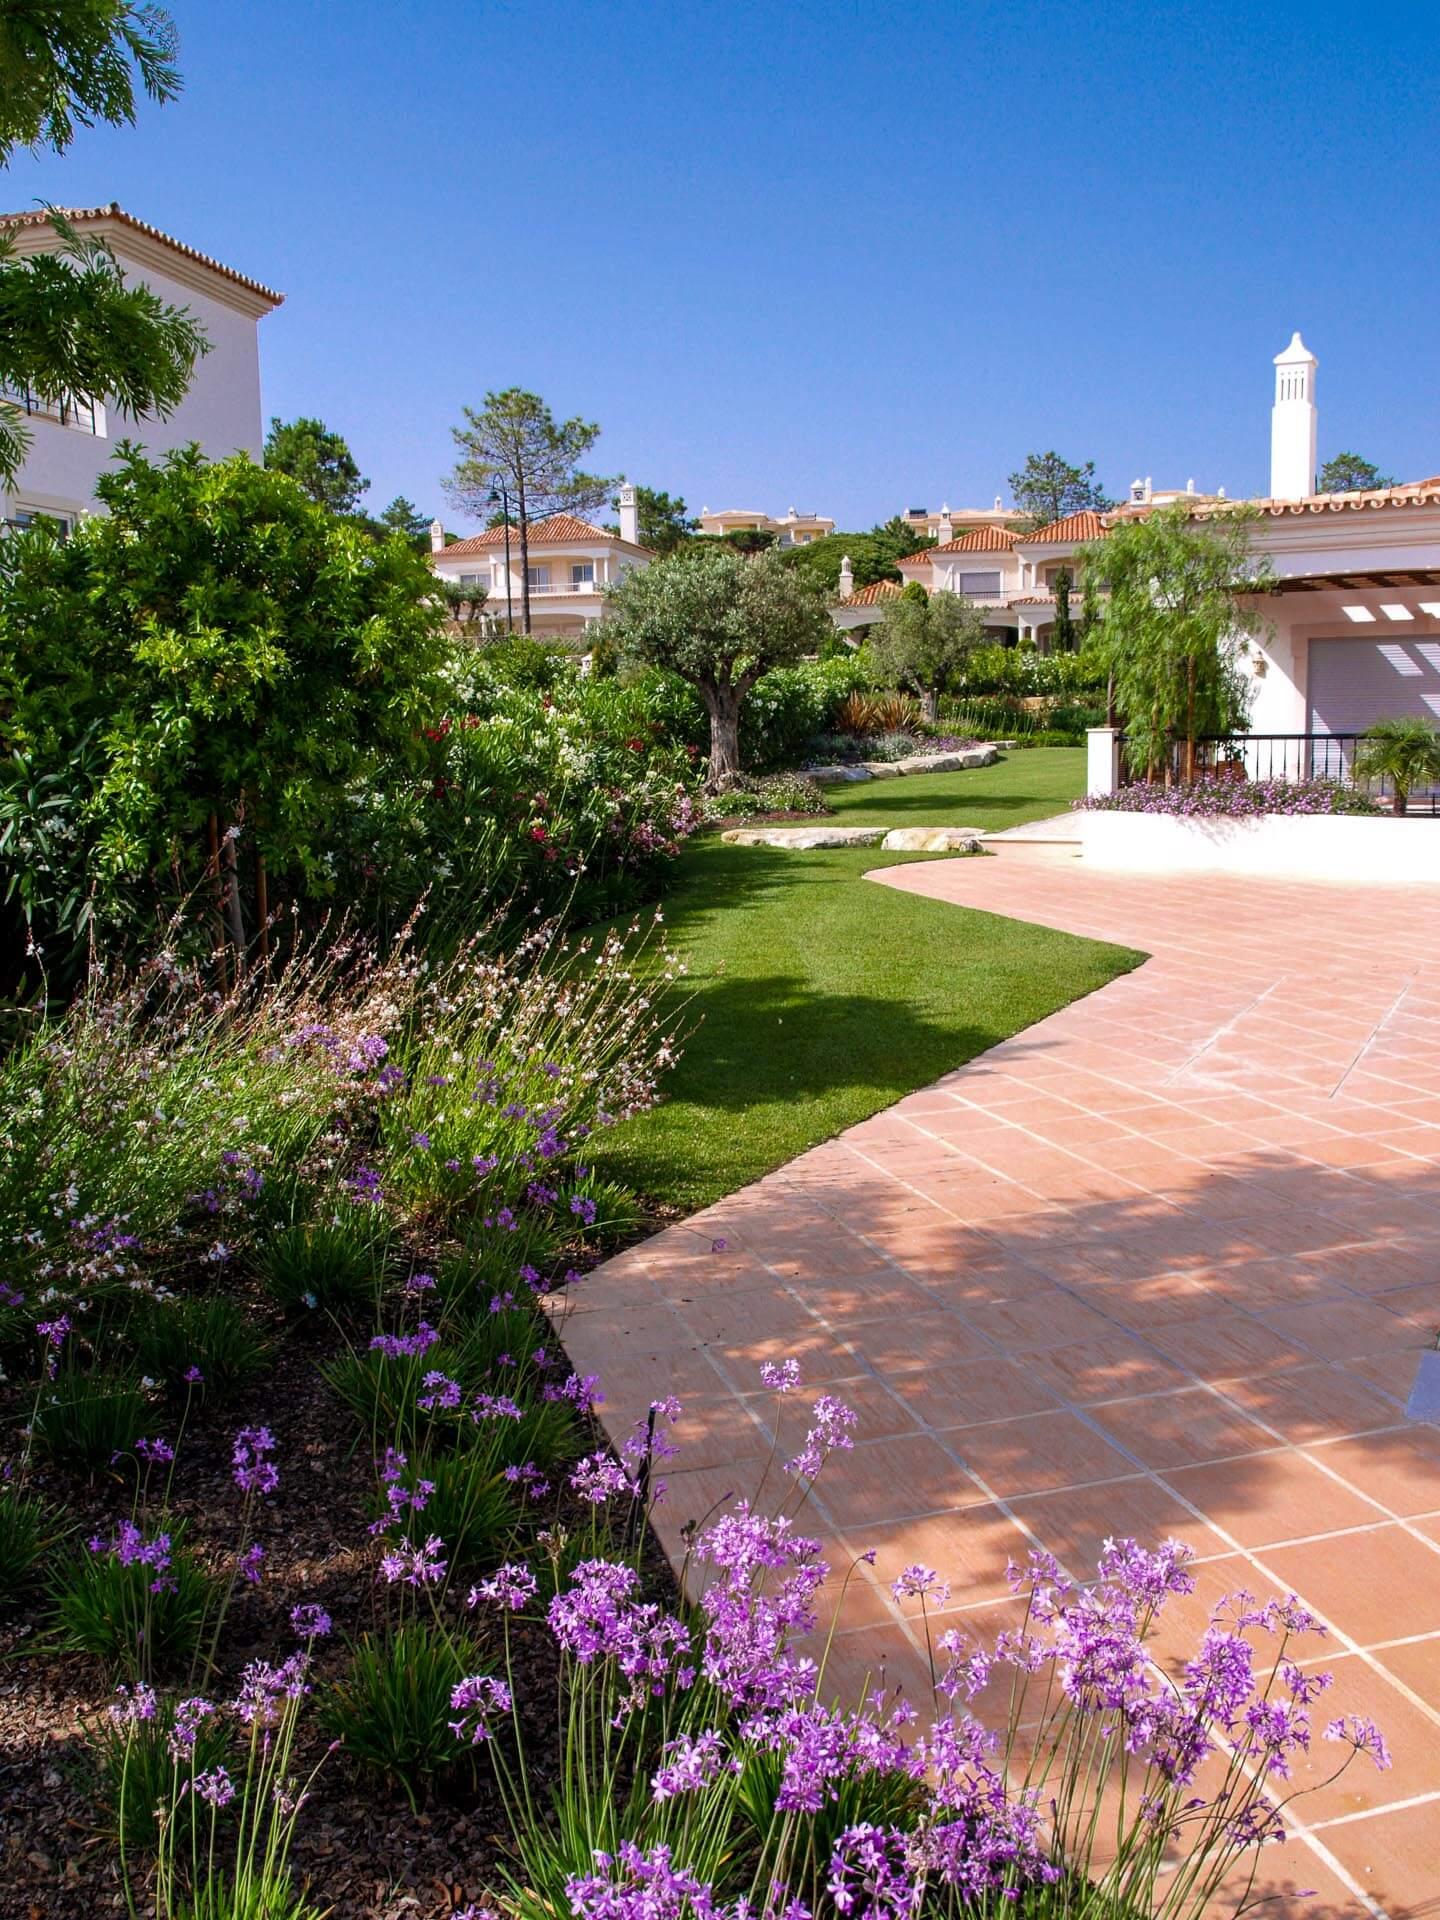 condominium-landscaping-algarve